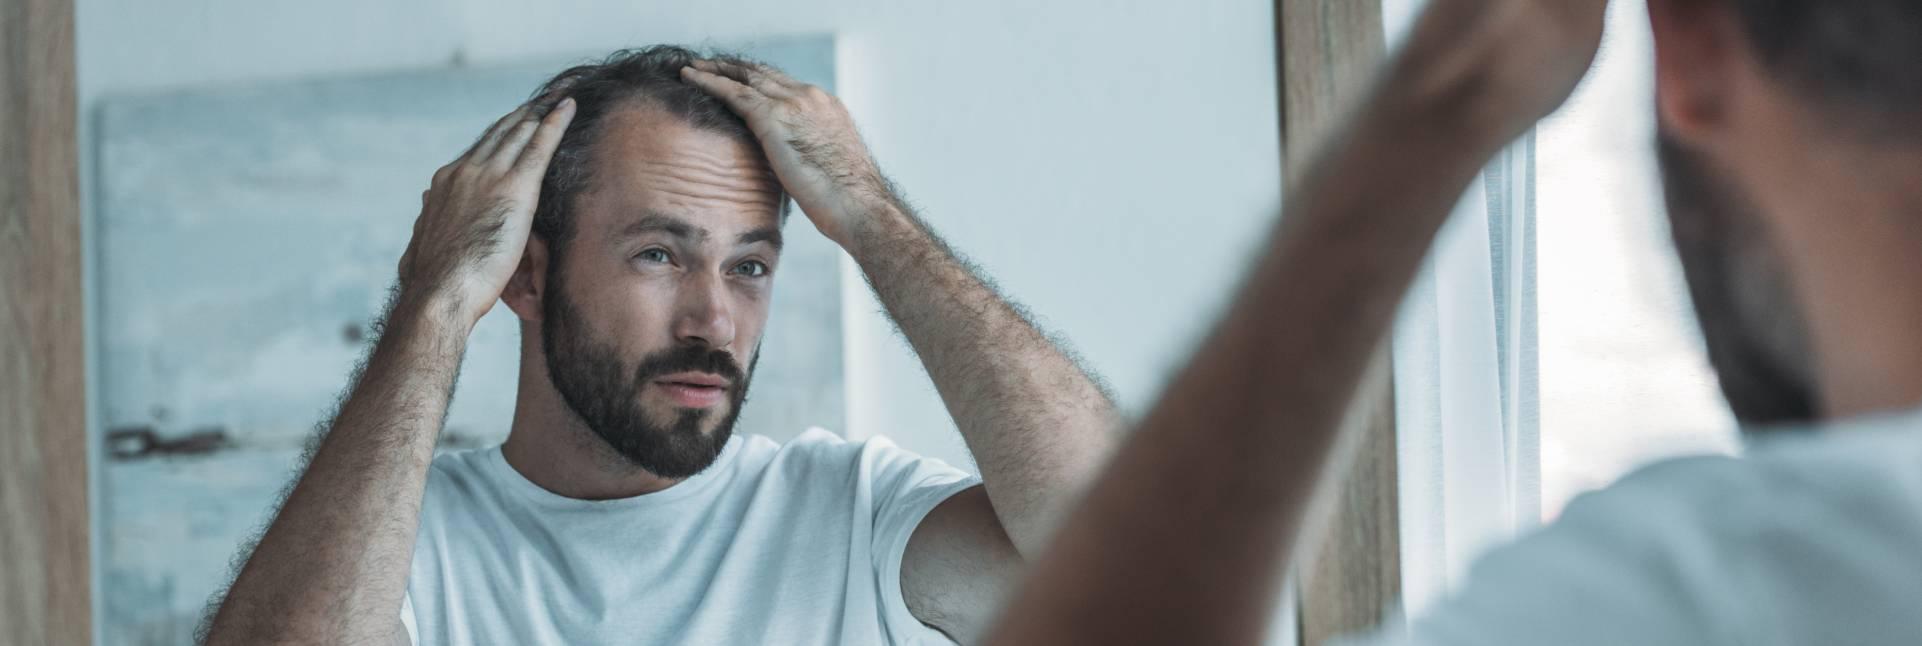 La alopecia difusa: tipos, causas y tratamiento